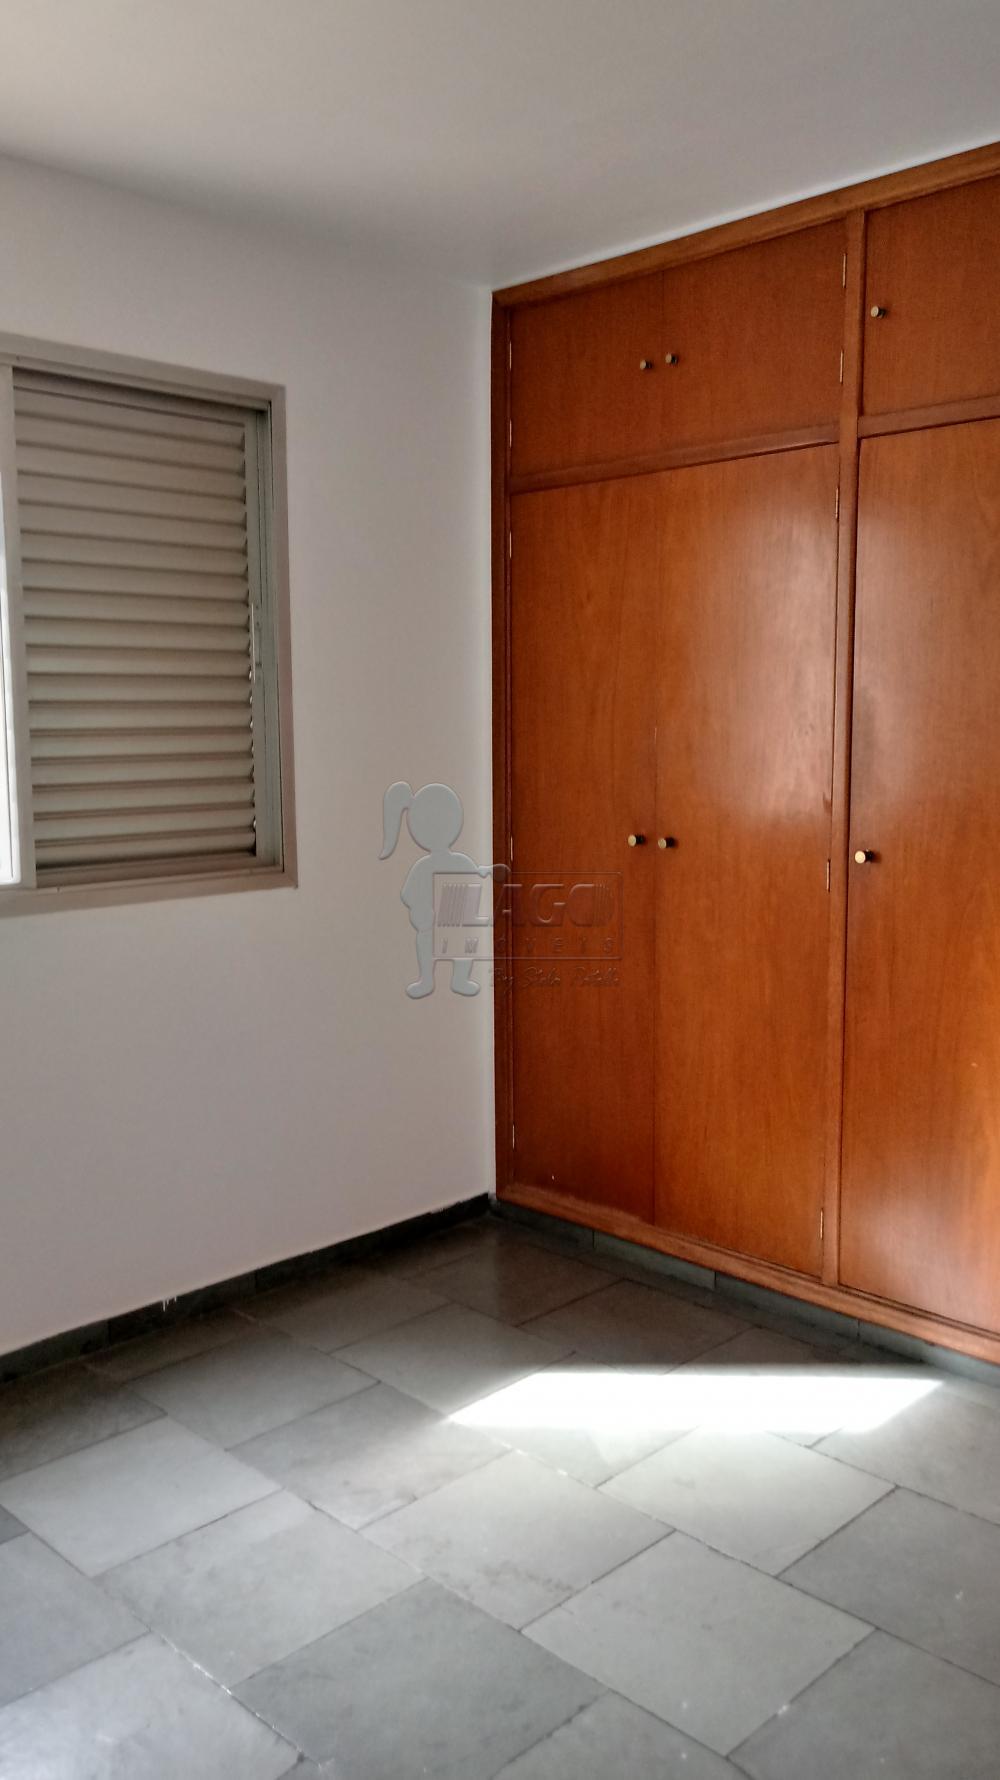 Comprar Apartamento / Padrão em Ribeirão Preto apenas R$ 230.000,00 - Foto 21